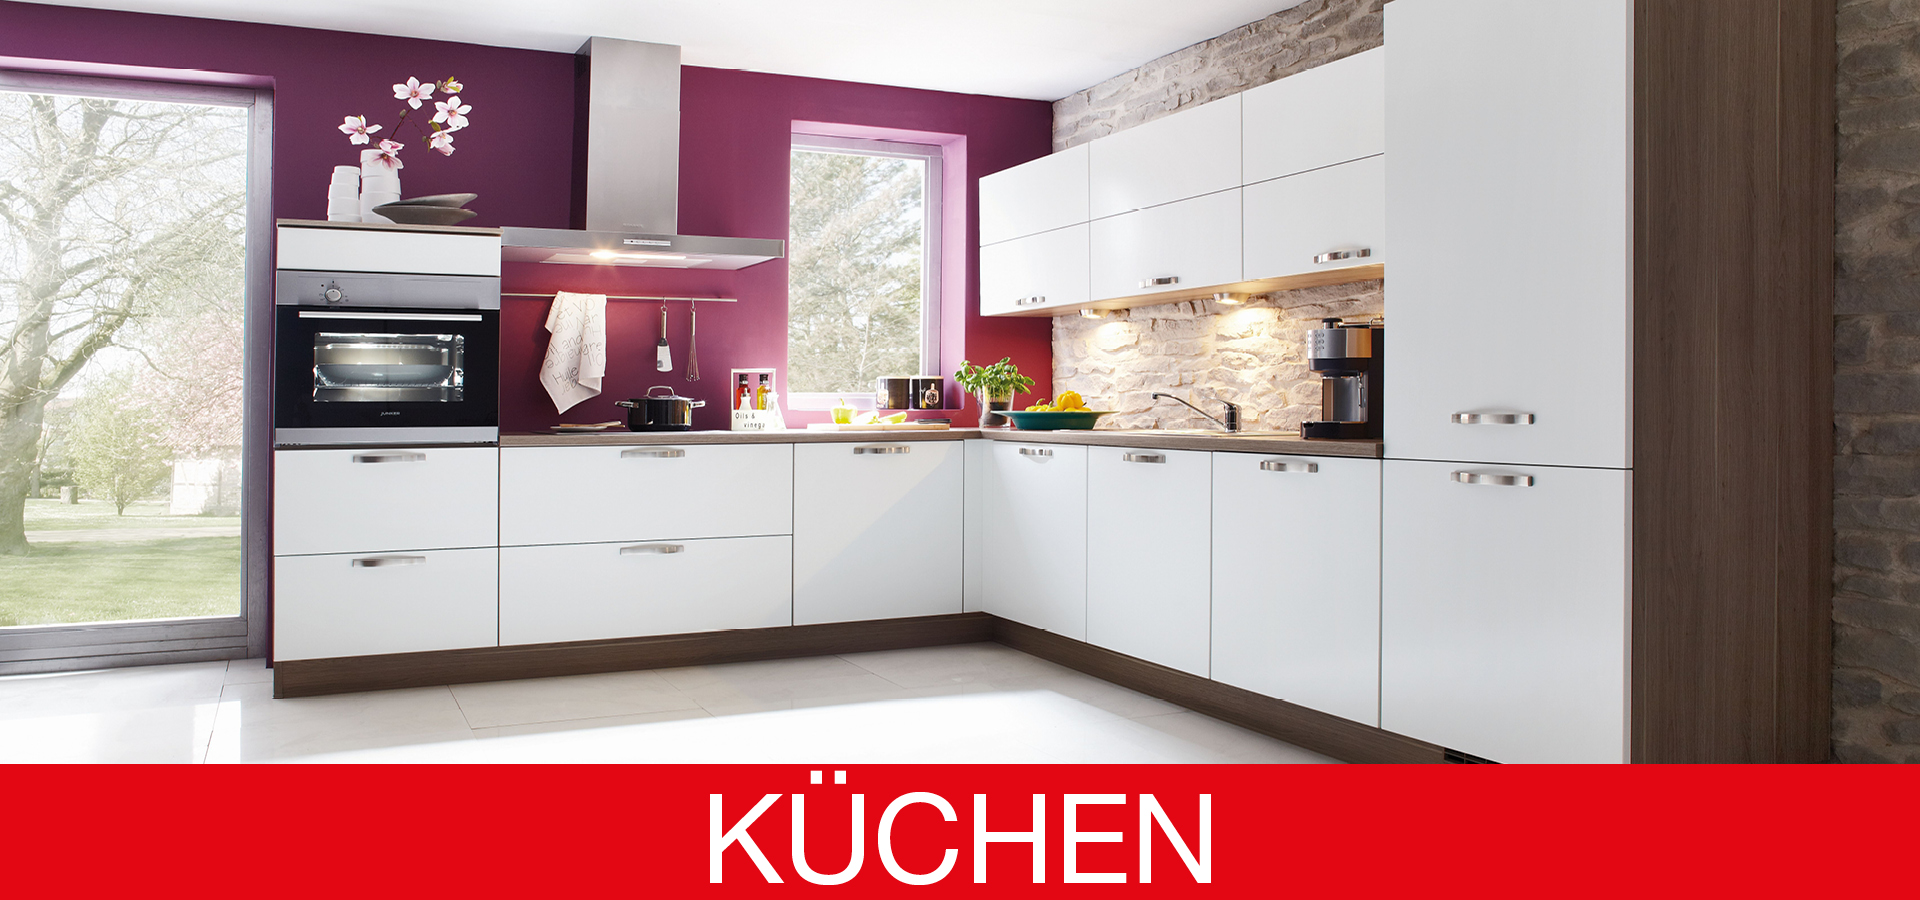 Full Size of Mischbatterie Küche Günstig Kaufen Wandblende Küche Günstig Kaufen Abfalleimer Küche Günstig Kaufen Wasserhahn Küche Günstig Kaufen Küche Küche Günstig Kaufen